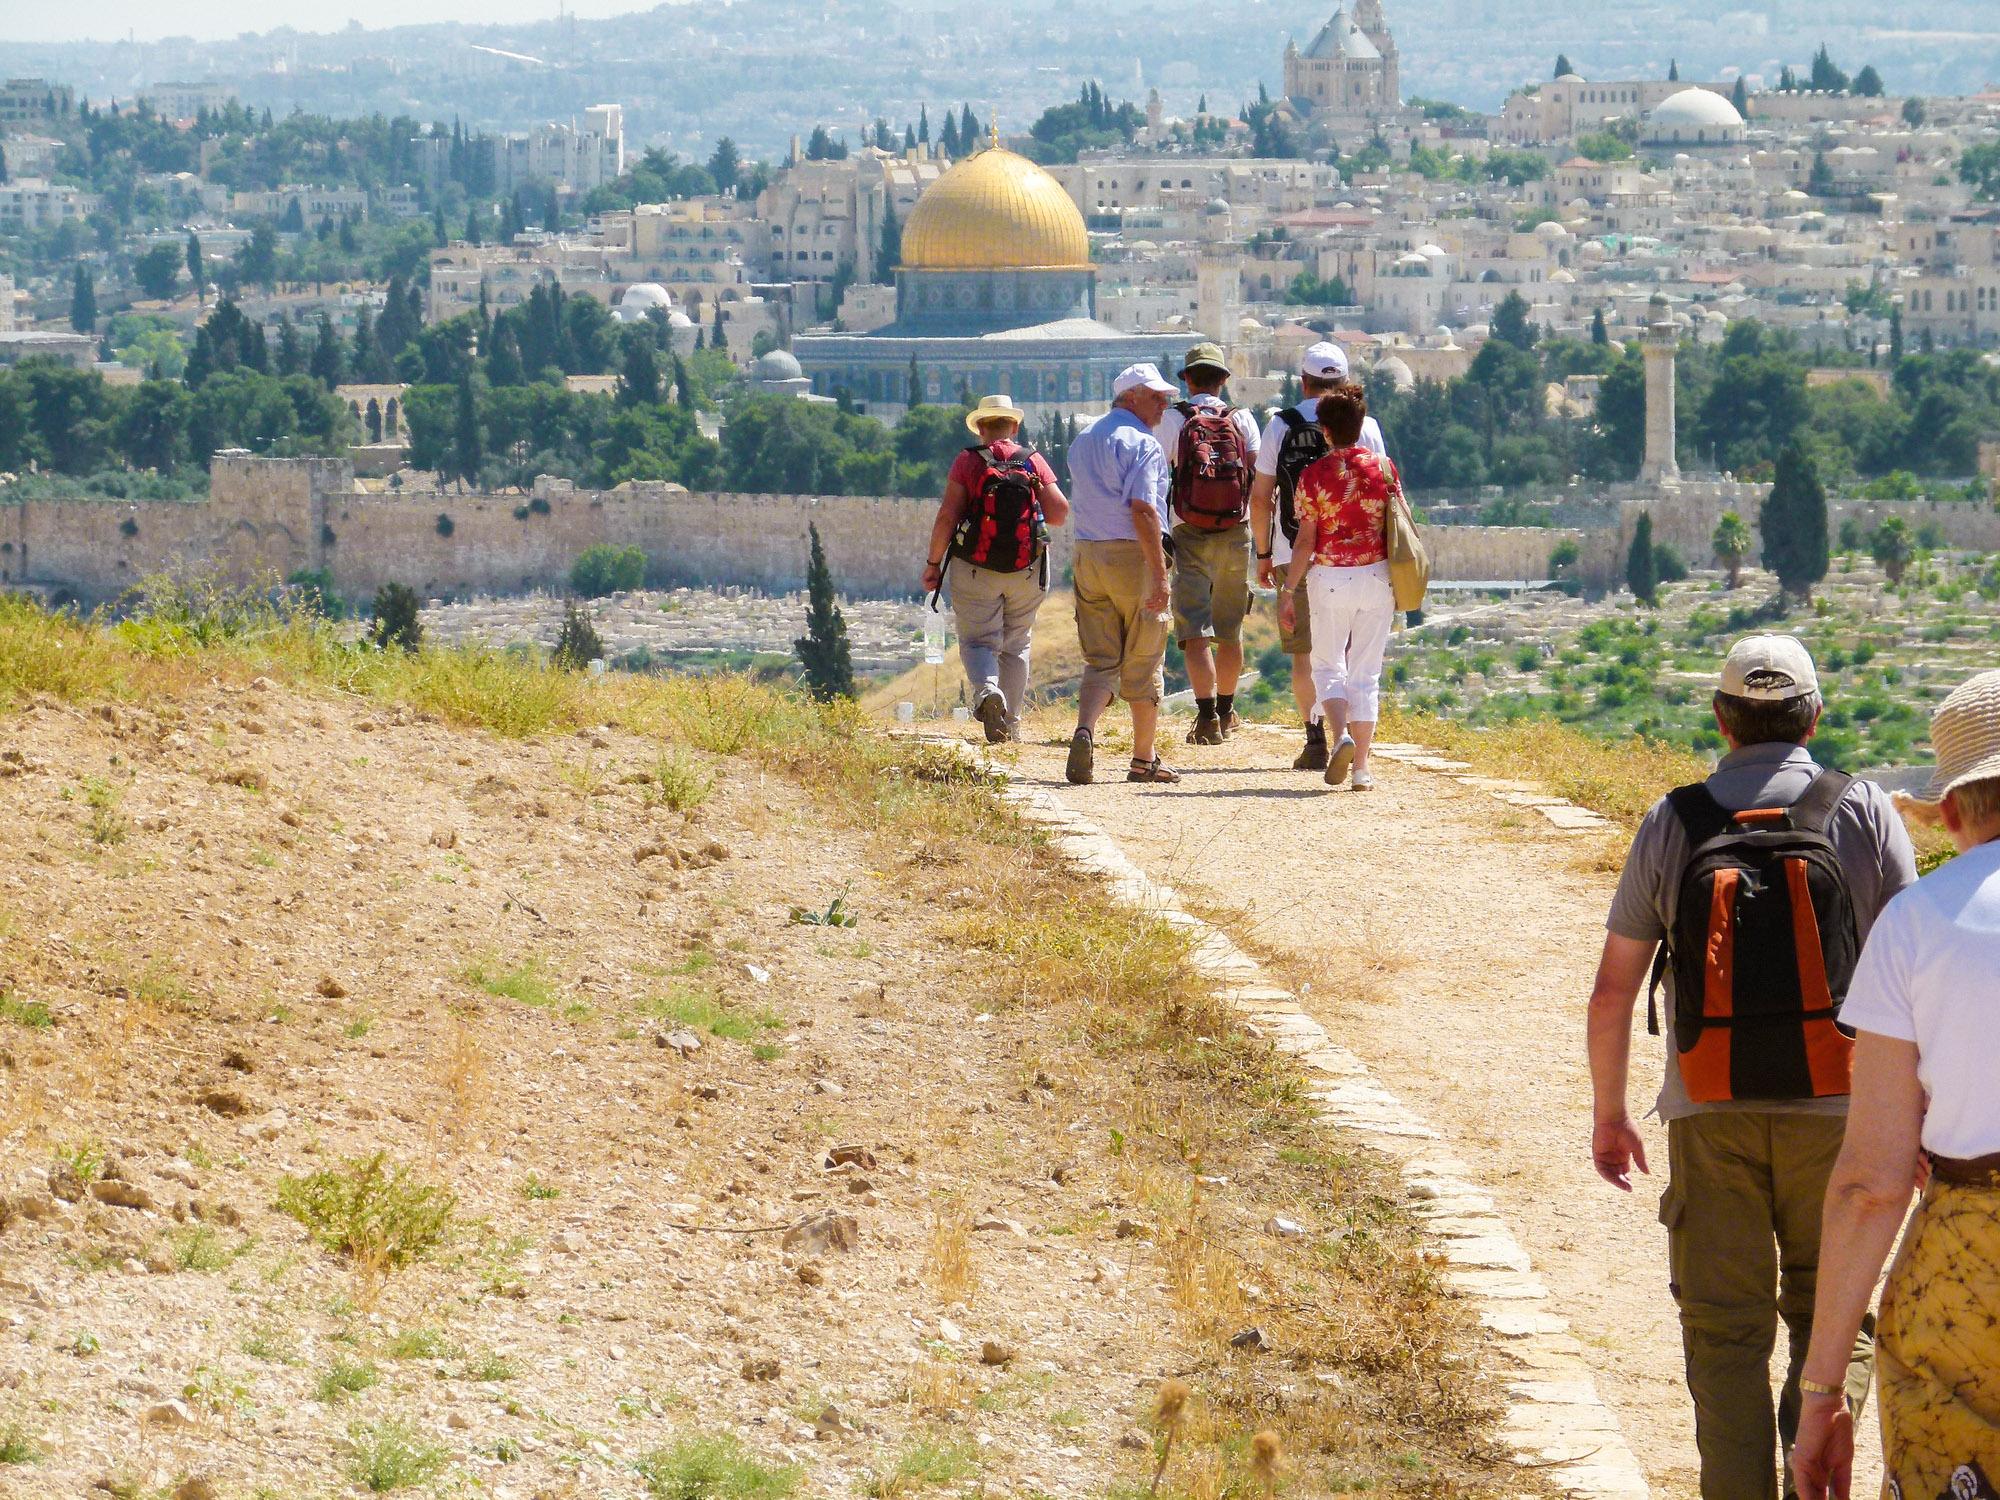 KEFB lädt zur virtuellen Bilderreise durch Israel